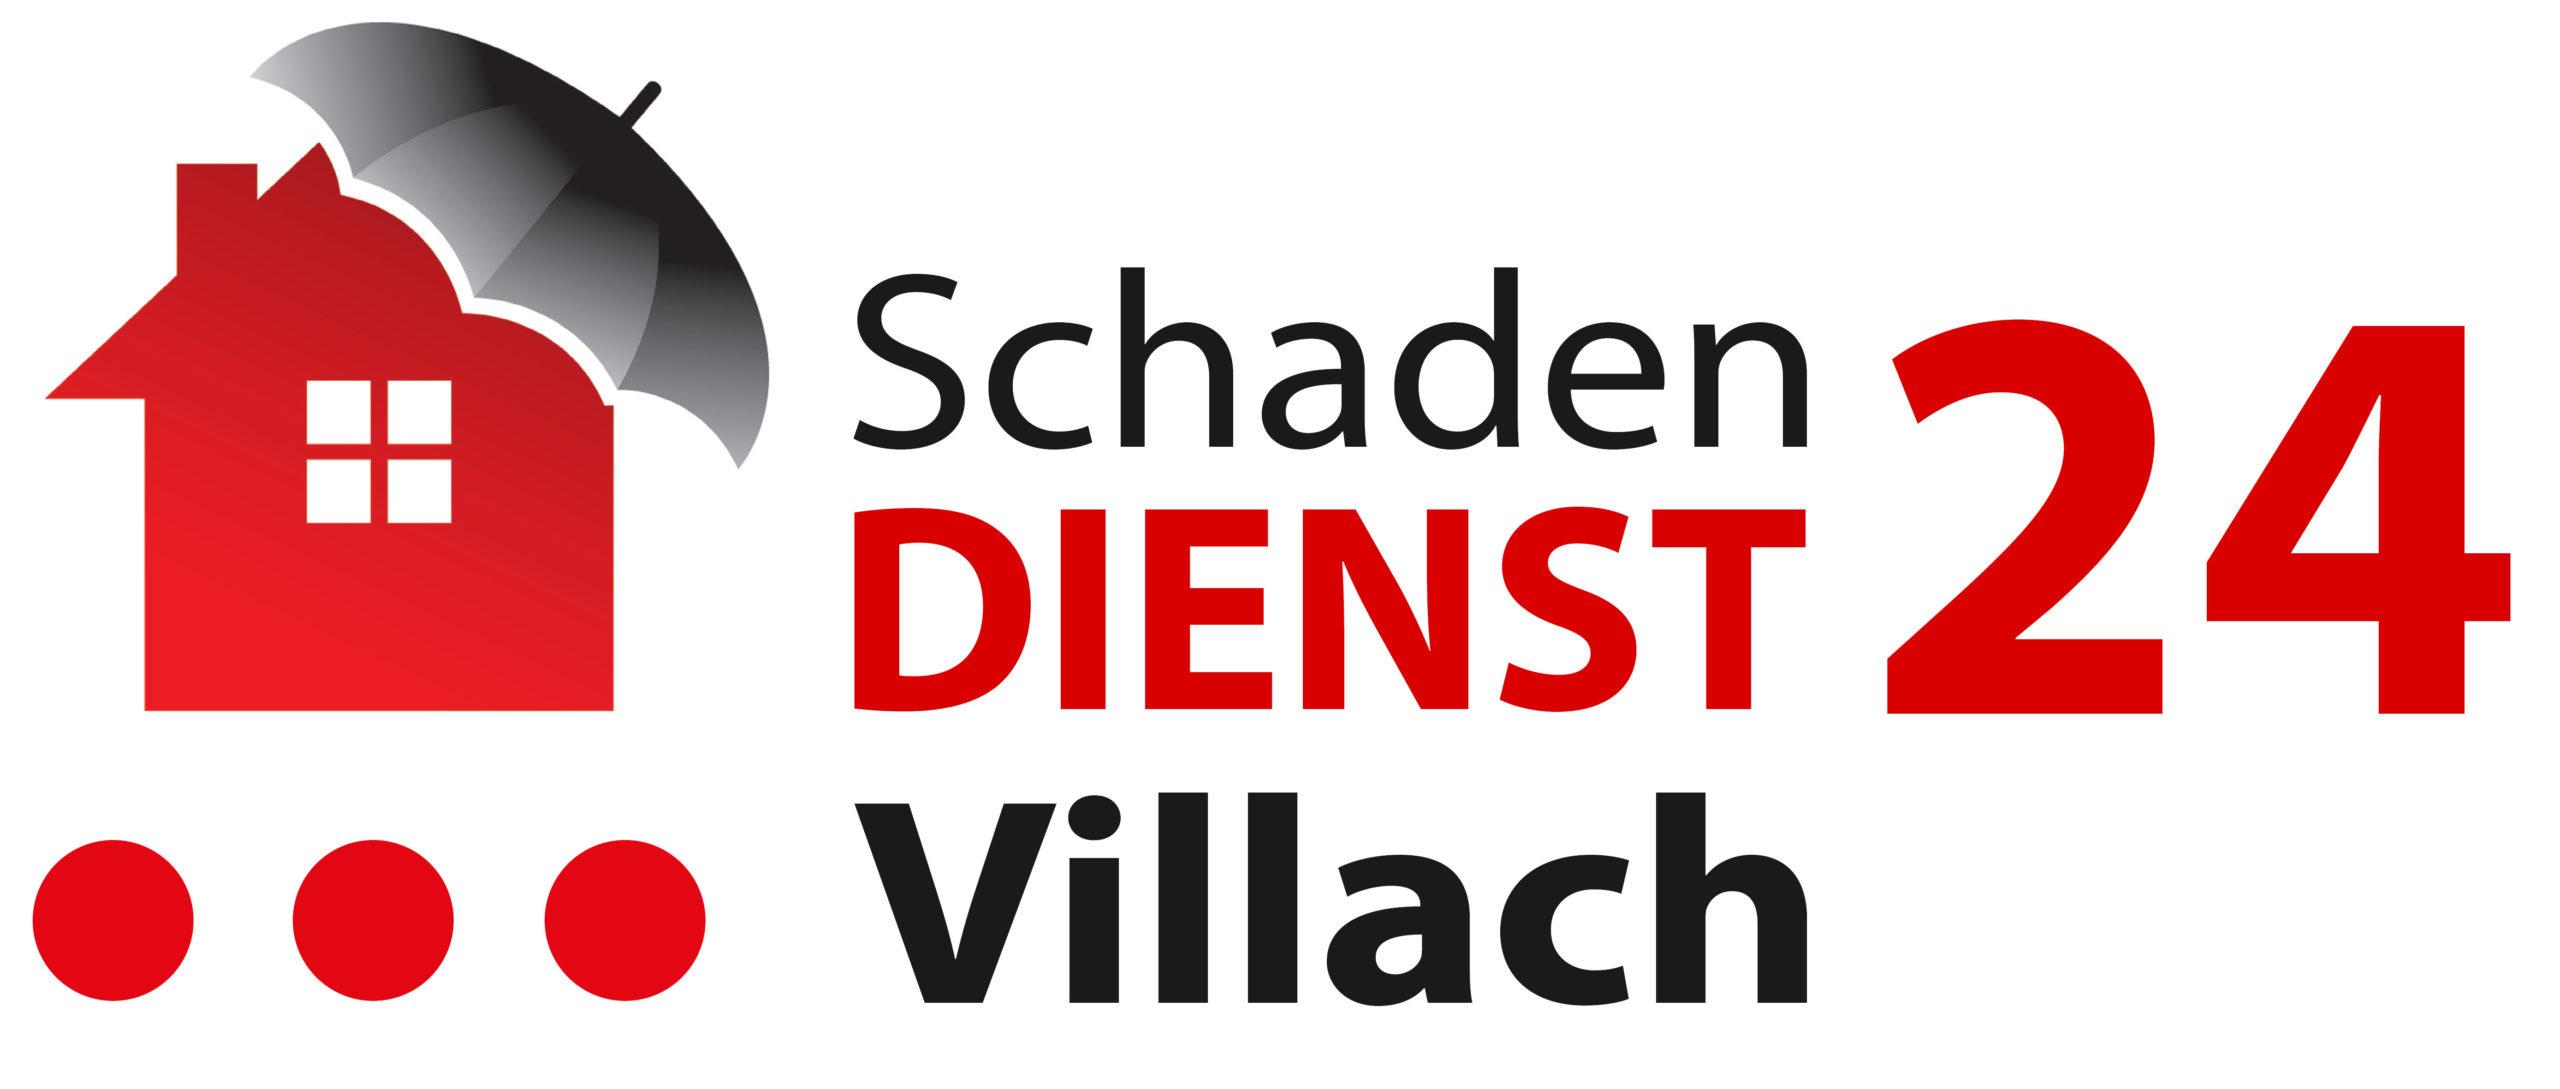 Schadendienst24 Villach Logo